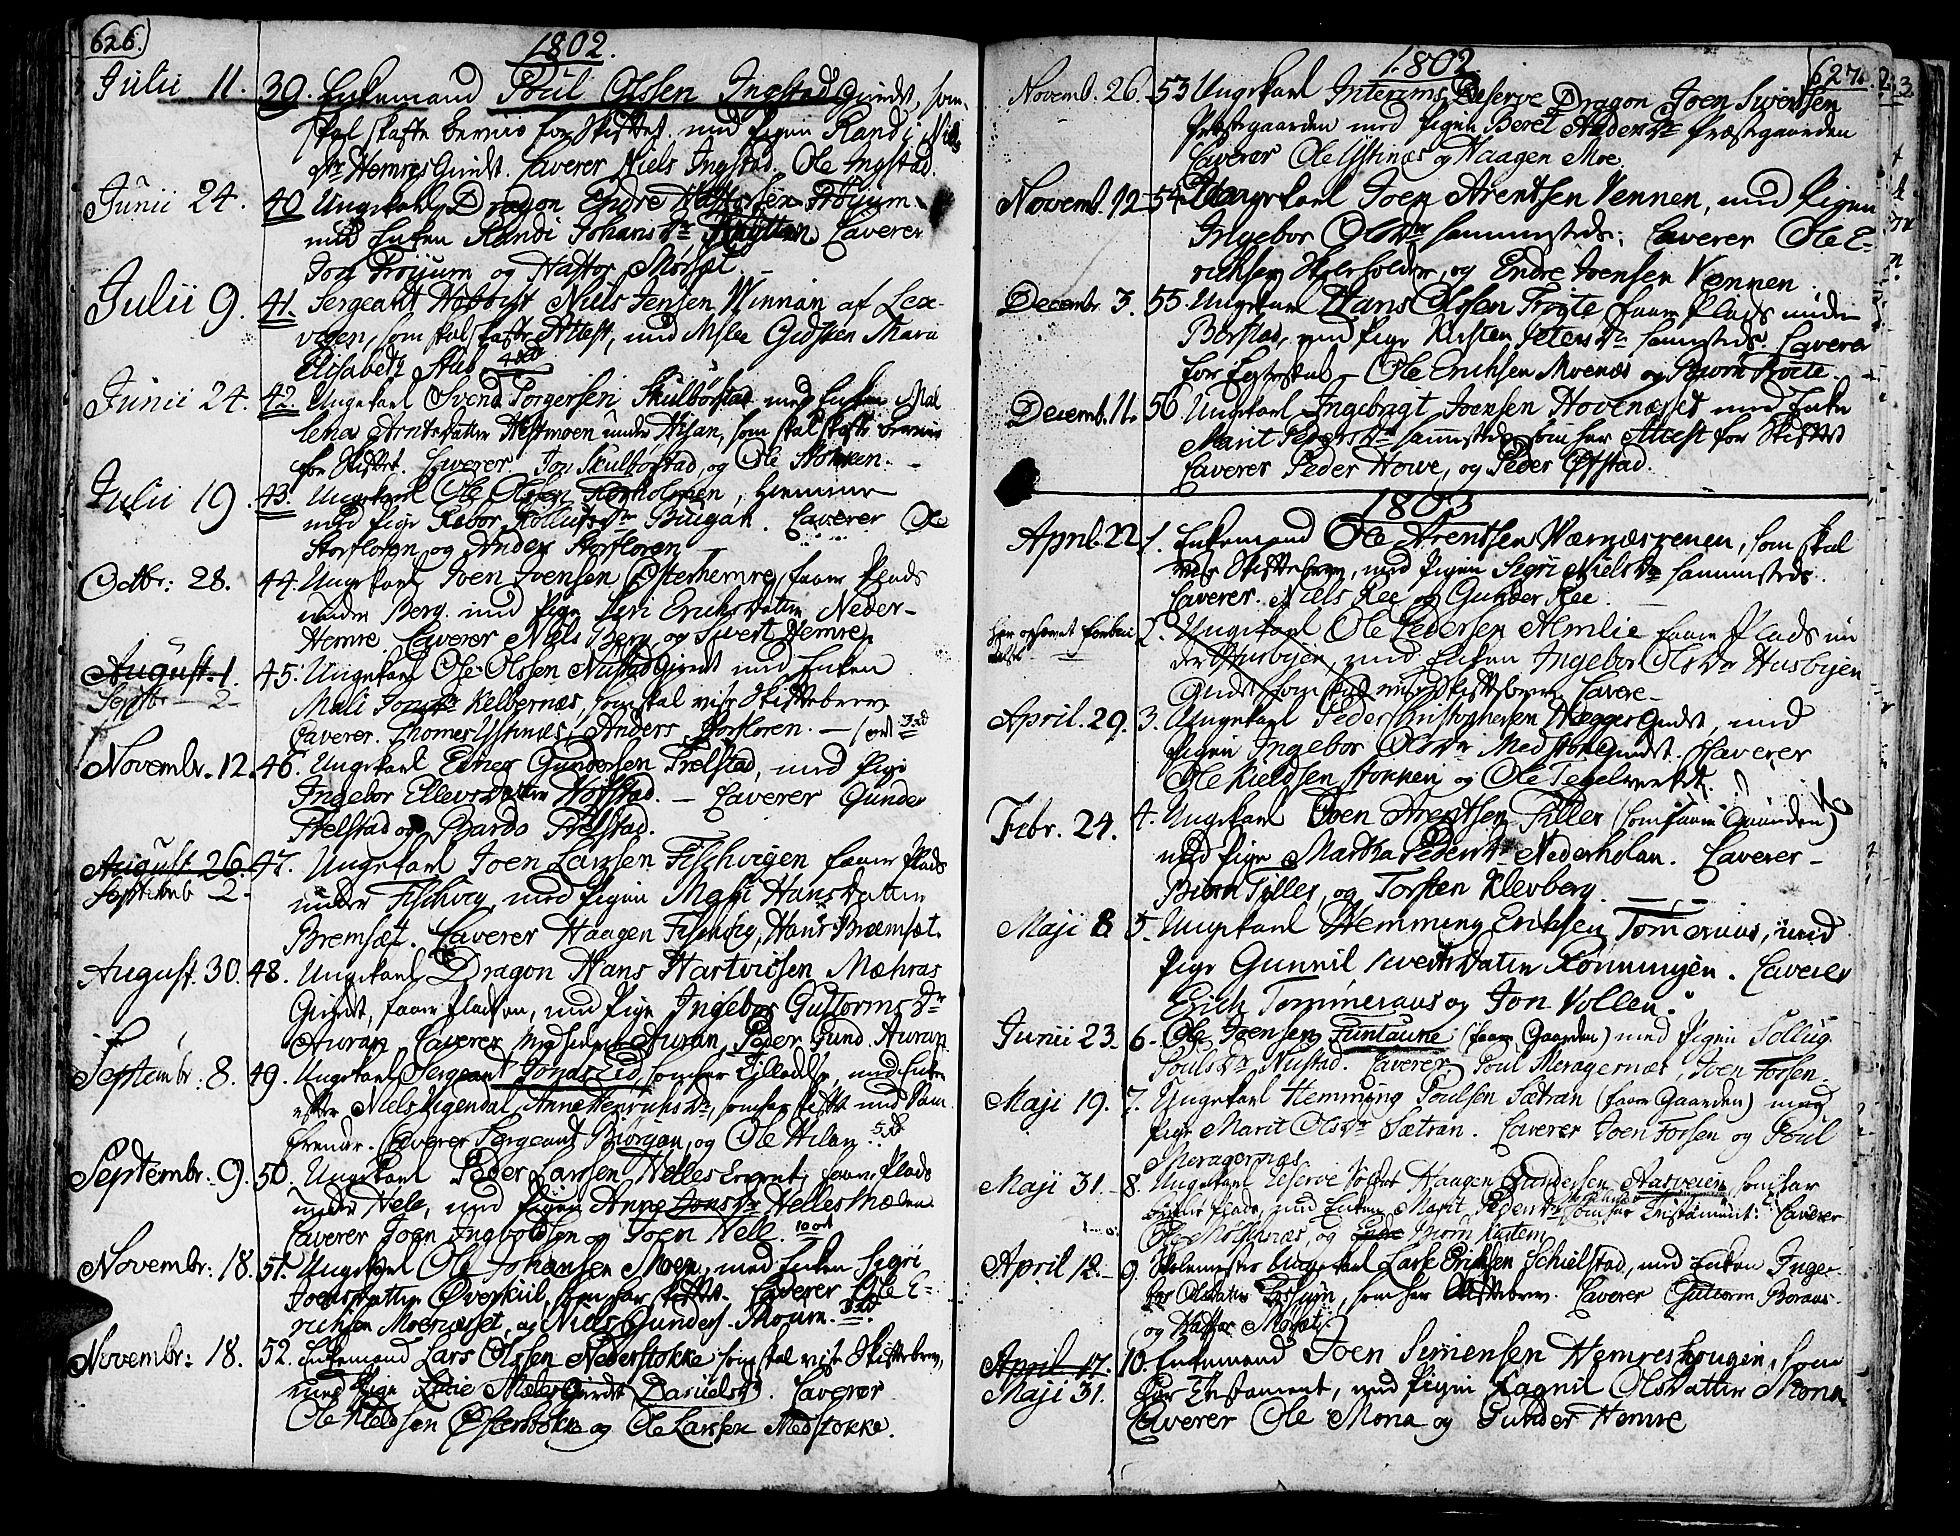 SAT, Ministerialprotokoller, klokkerbøker og fødselsregistre - Nord-Trøndelag, 709/L0060: Ministerialbok nr. 709A07, 1797-1815, s. 626-627